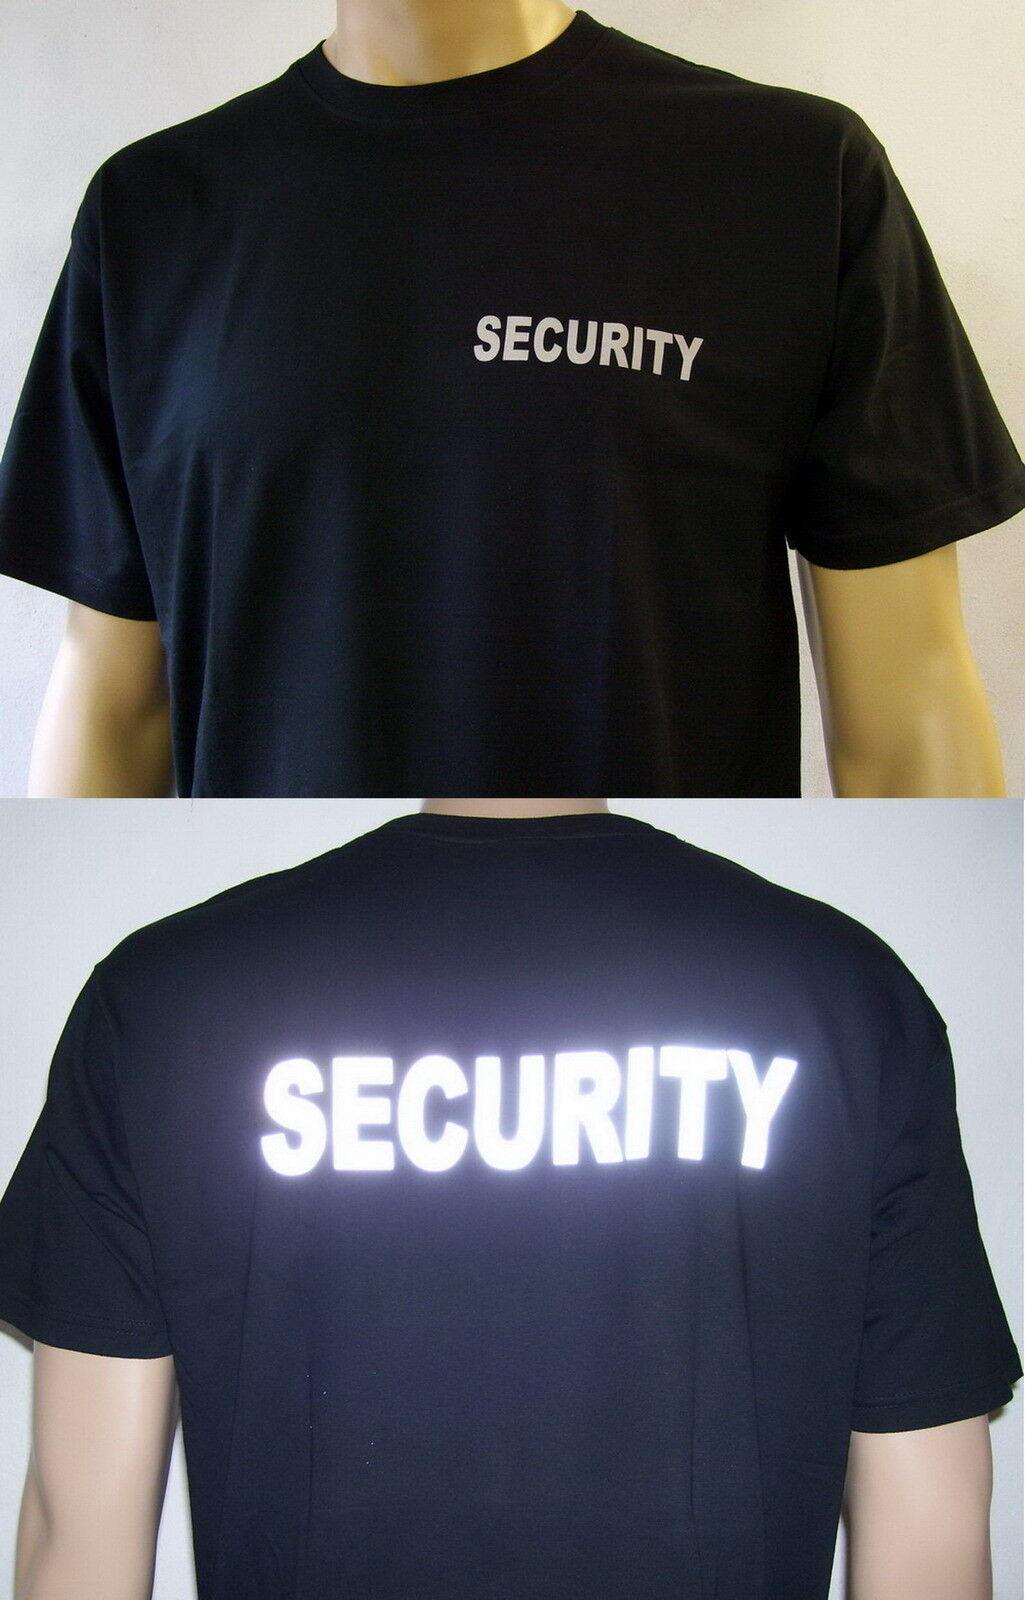 SECURITY T-Shirt in schwarz oder marineblau, Text silberreflex, Herren S bis 4XL